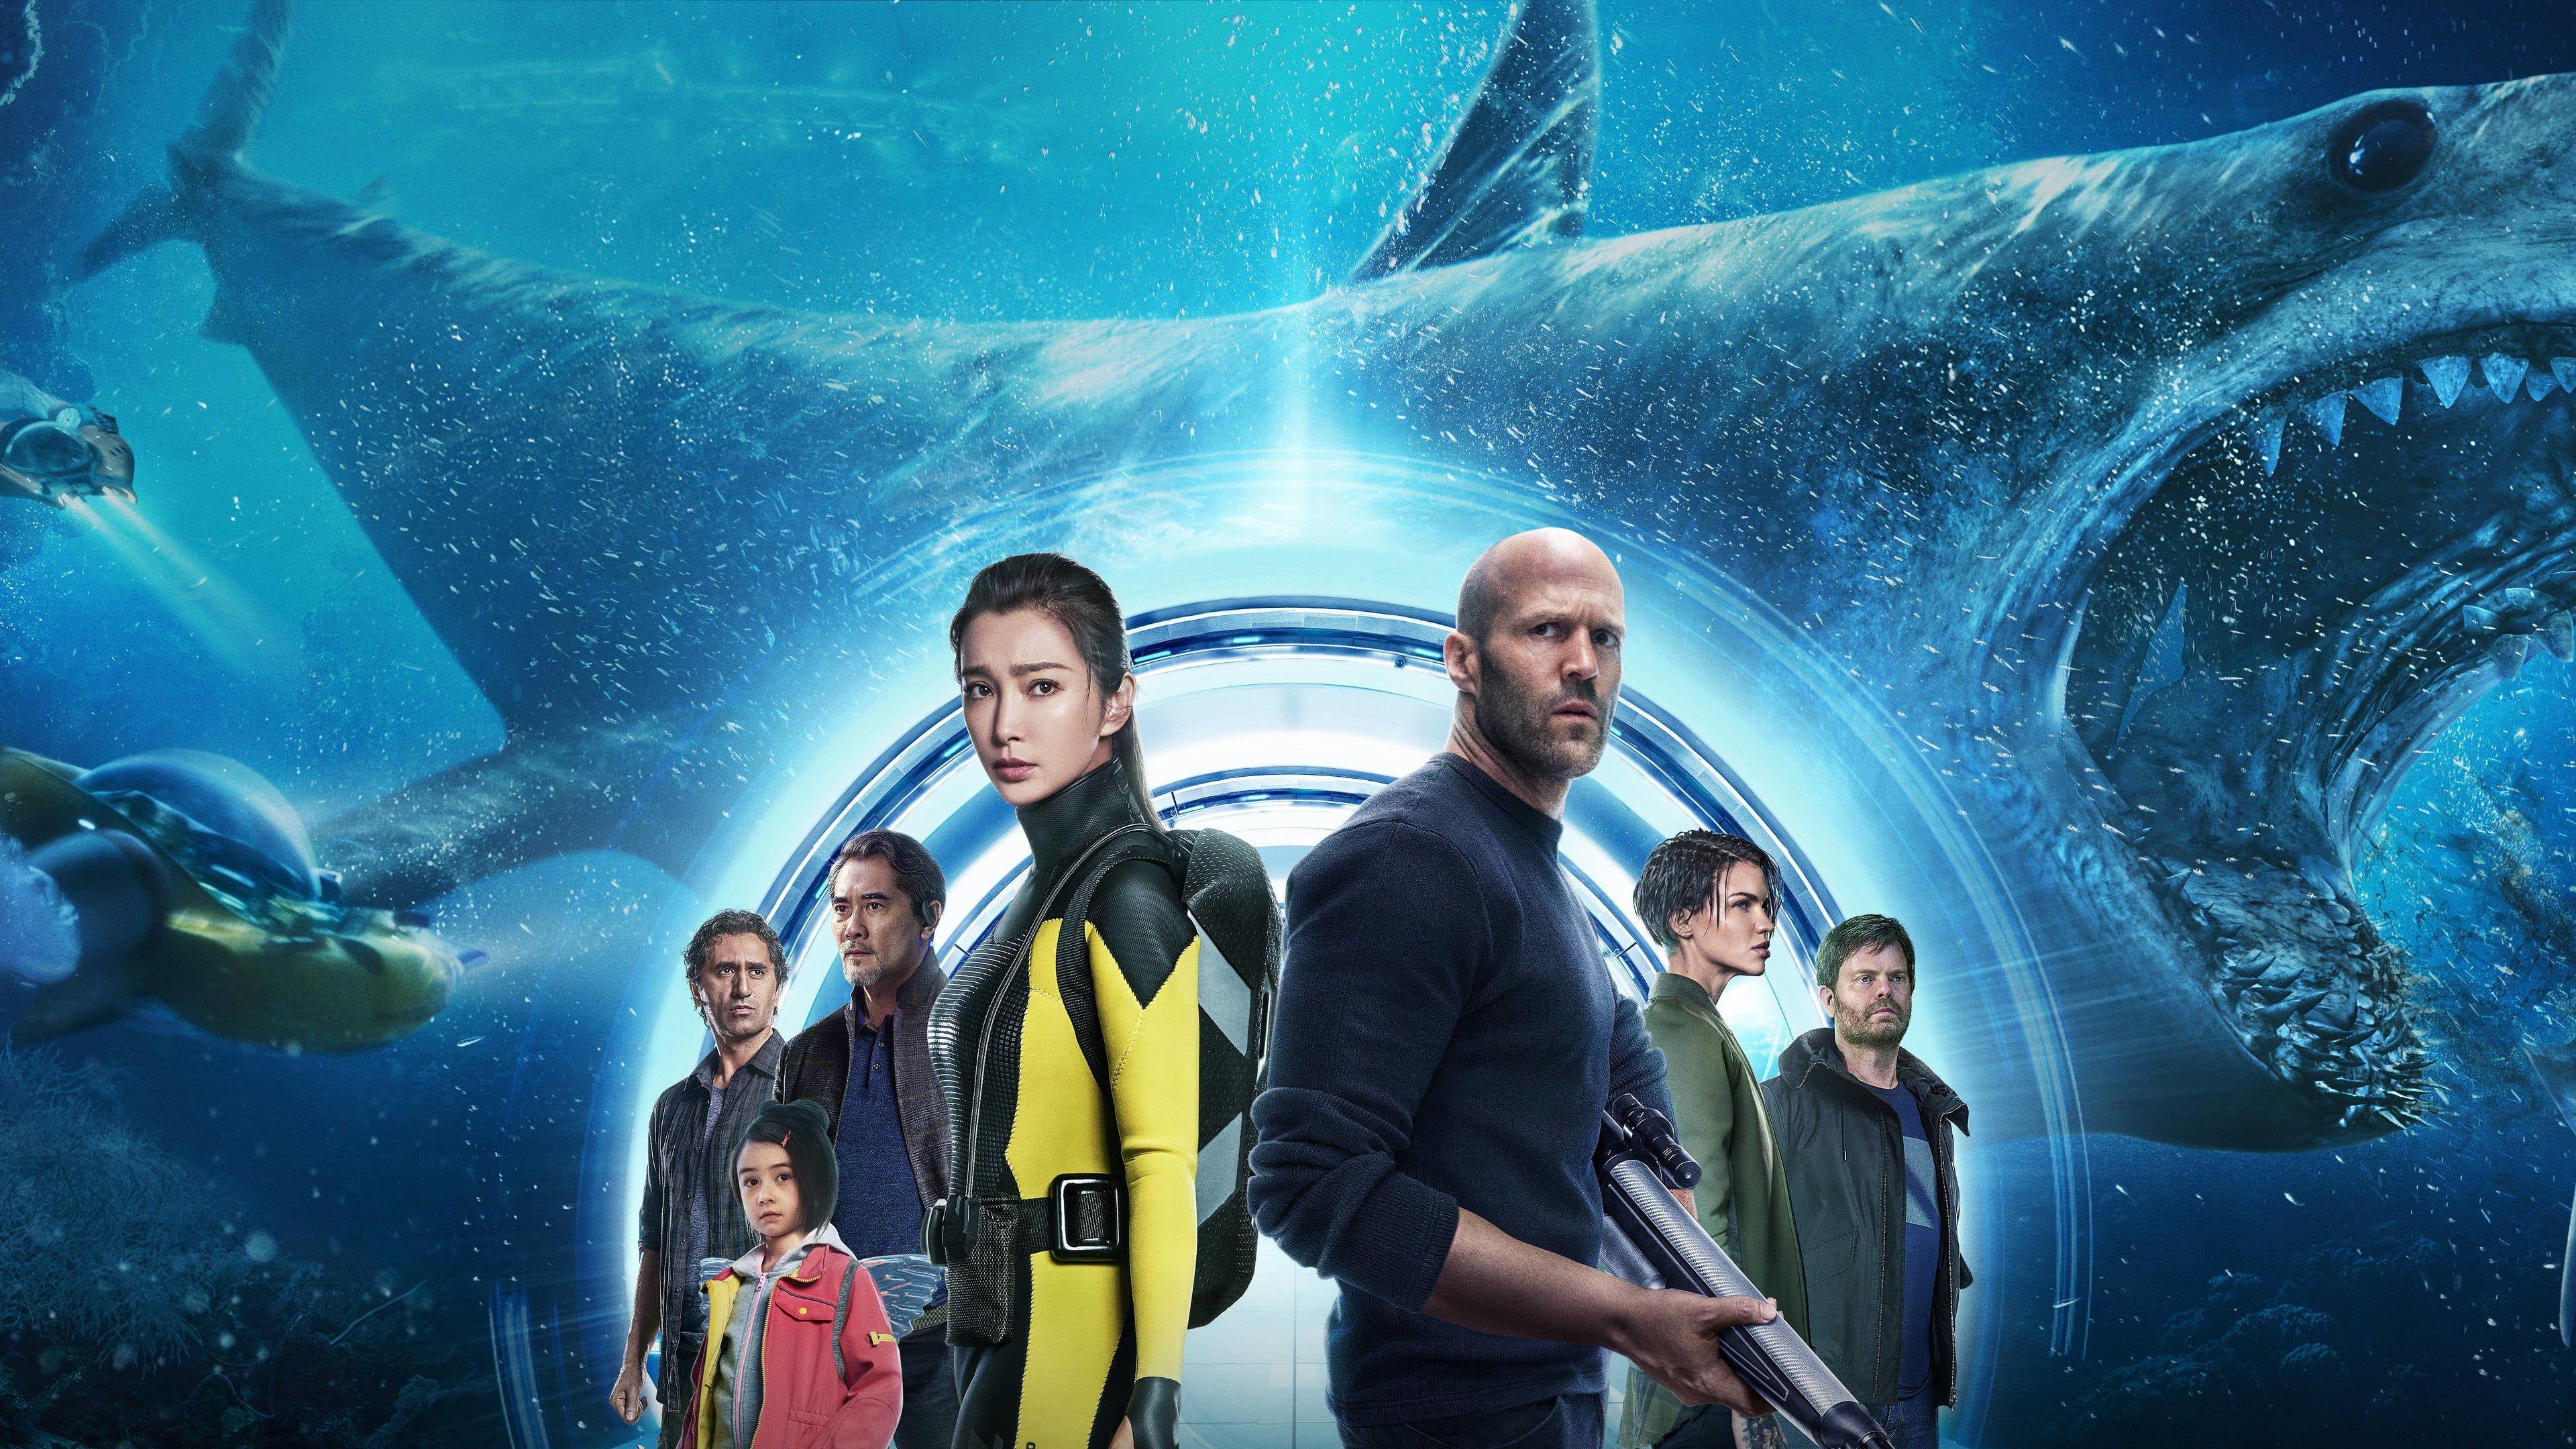 The Meg 2018 fullmovie Hd Q 1080p English Subtitle Meg Movie Free Movies Online Full Movies Online